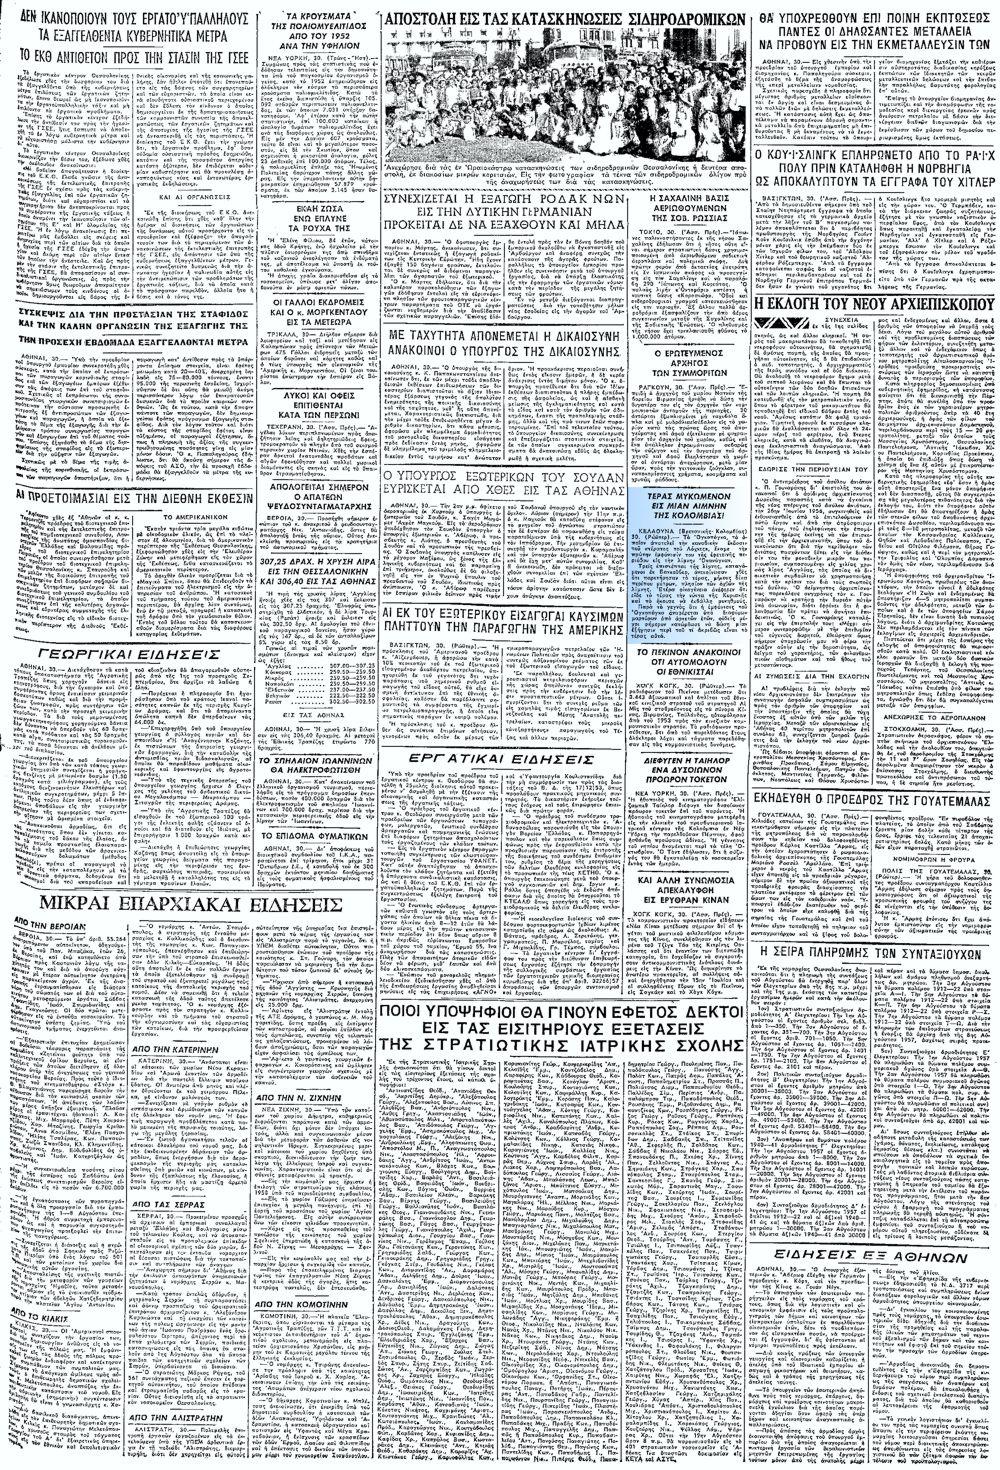 """Το άρθρο, όπως δημοσιεύθηκε στην εφημερίδα """"ΜΑΚΕΔΟΝΙΑ"""", στις 31/07/1957"""